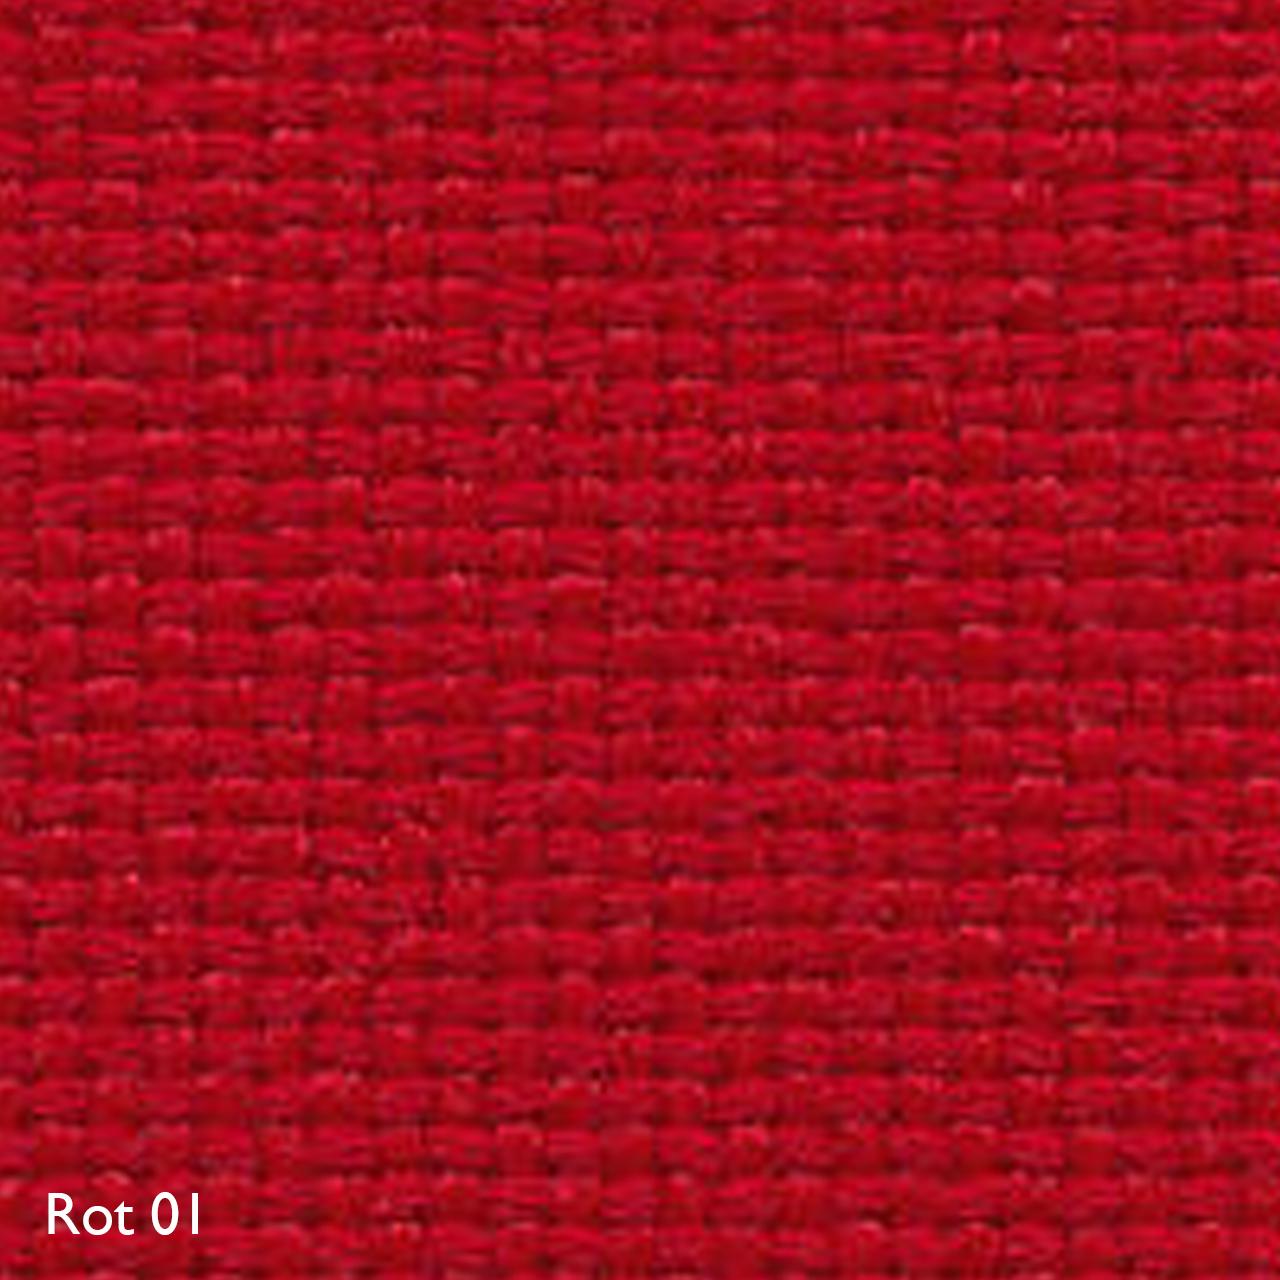 Vitra Farbkachel Rot 01